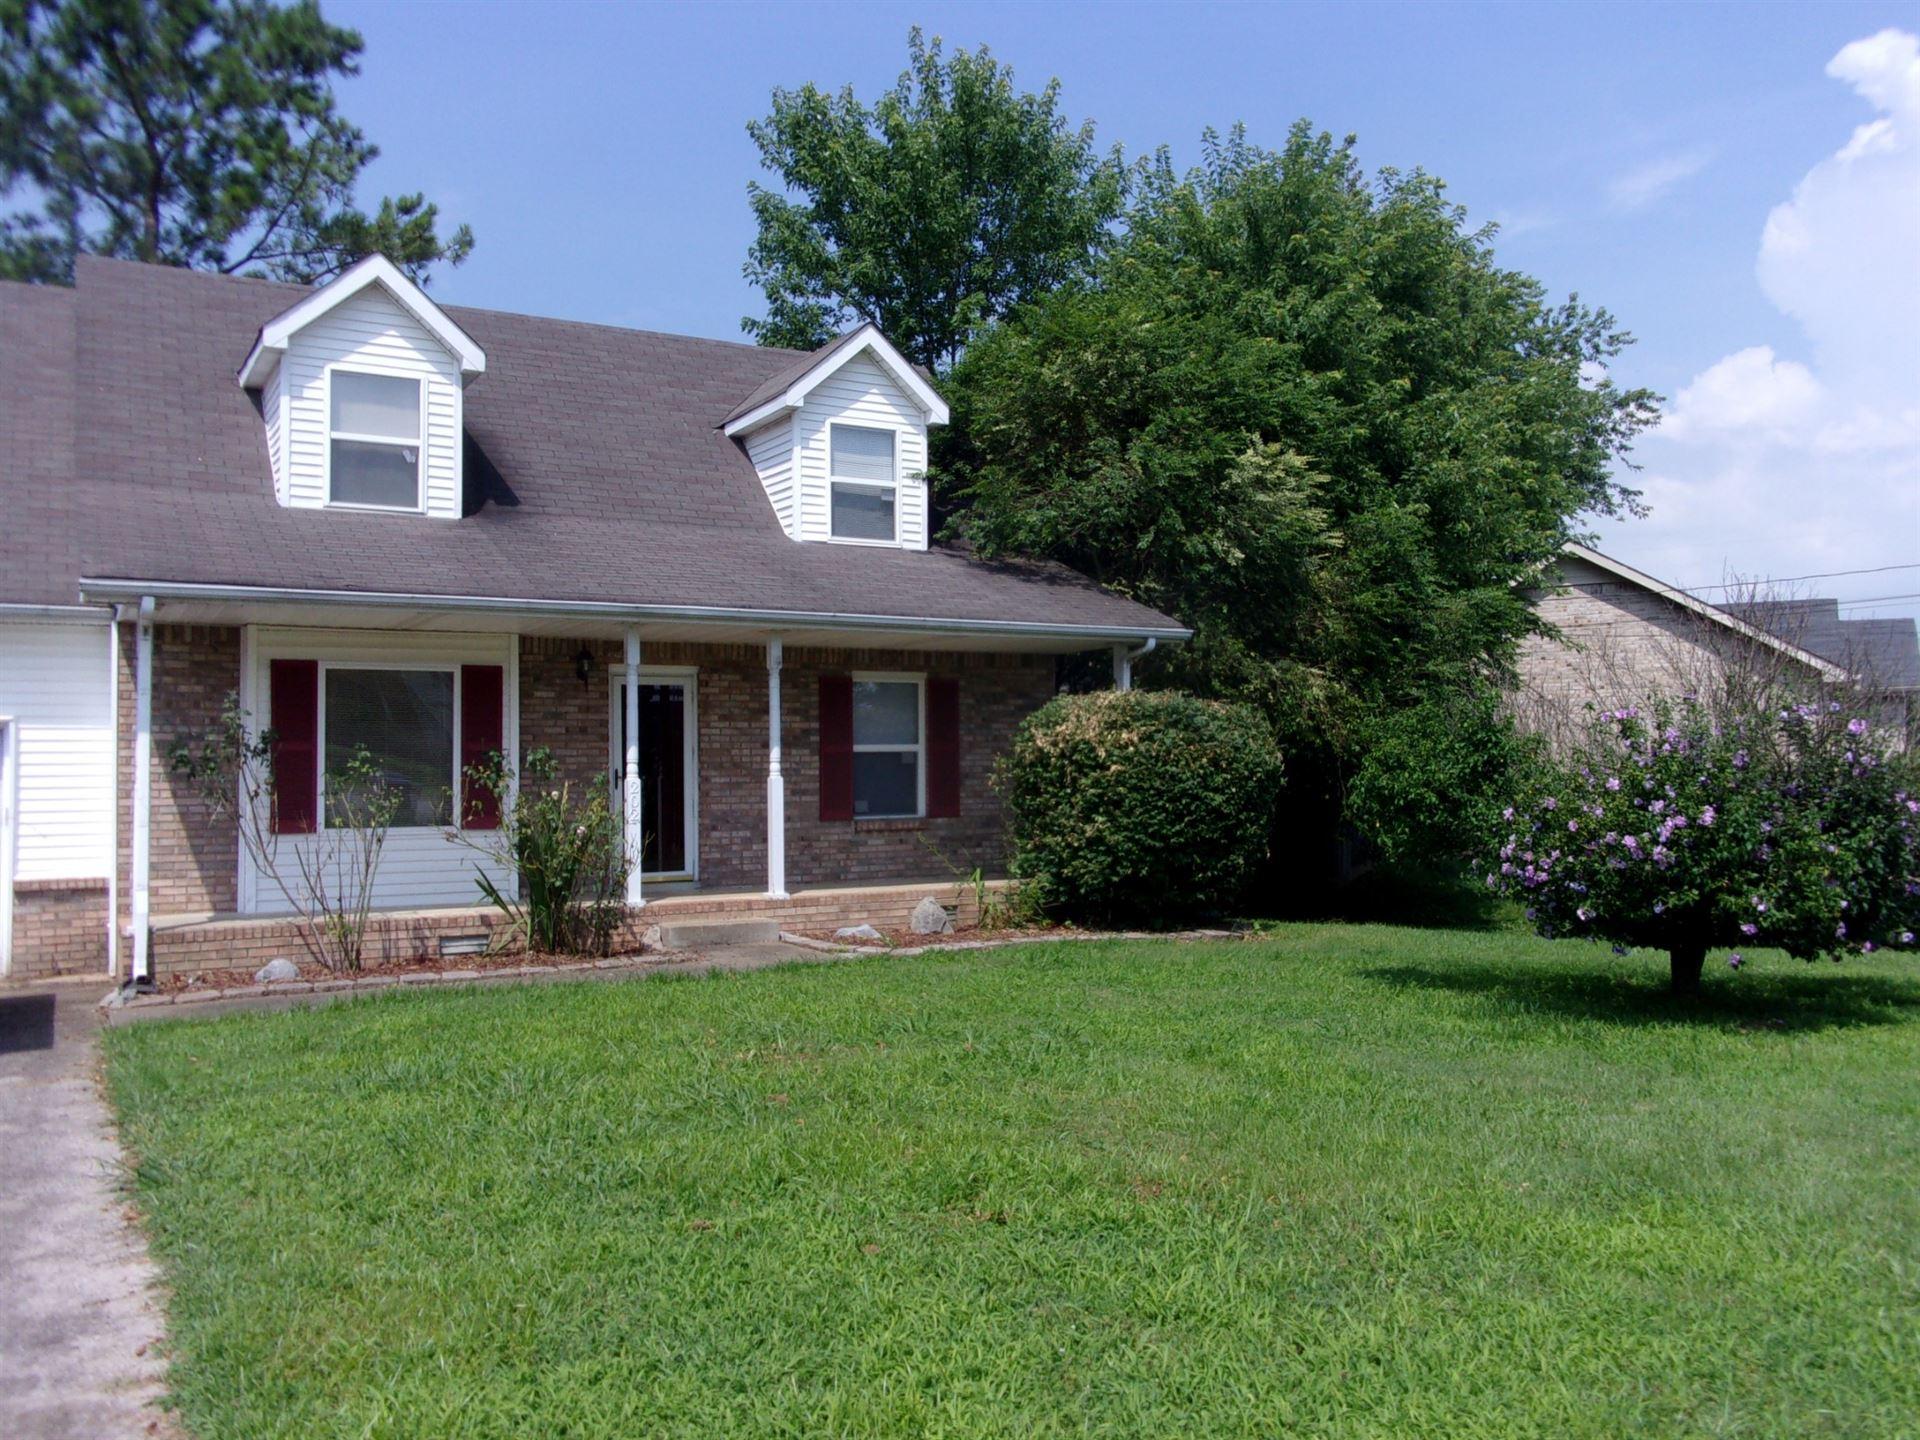 202 Windroe Ct, Clarksville, TN 37042 - MLS#: 2170966